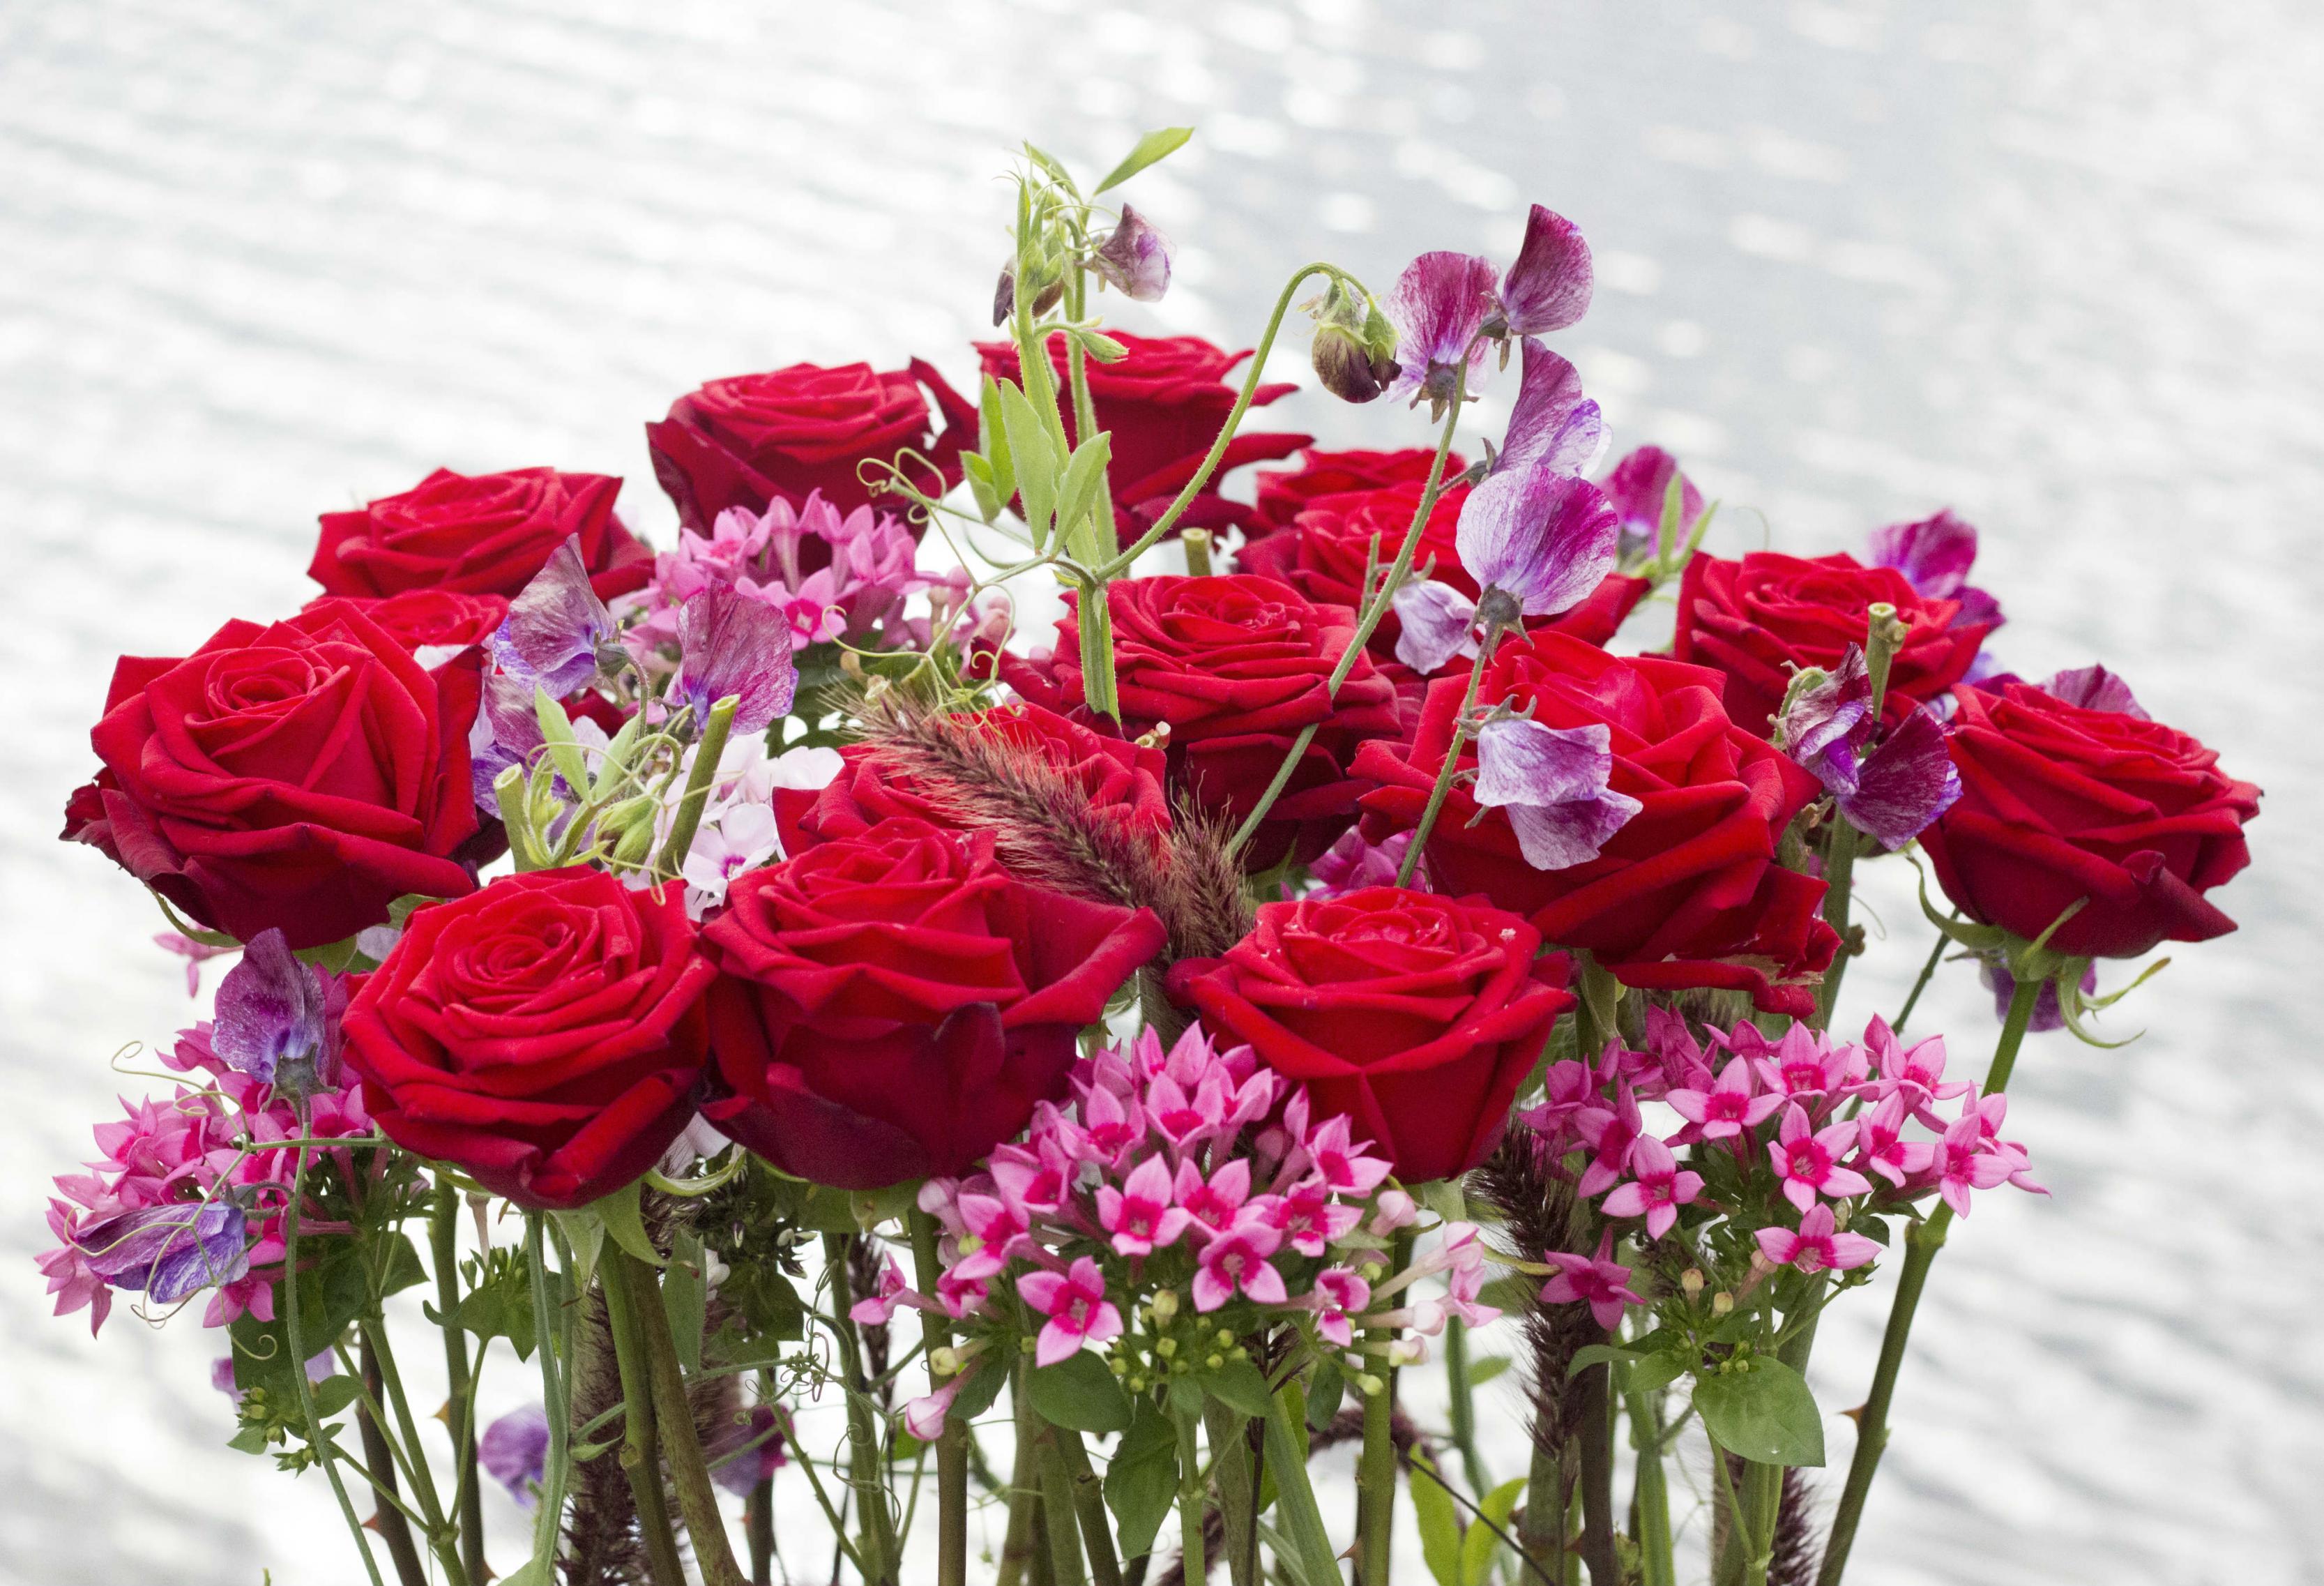 بالصور صور ورود روعه , التقاط سحر الورود الطبيعية فى صور خاصة رائعة 1905 9